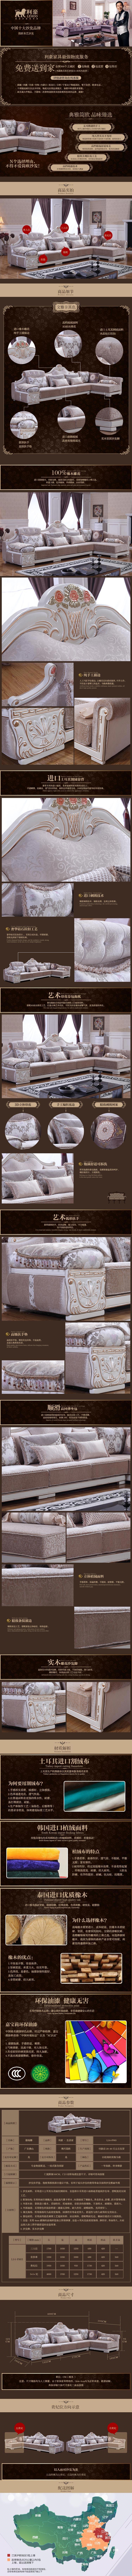 简欧式高档布艺沙发实木雕花